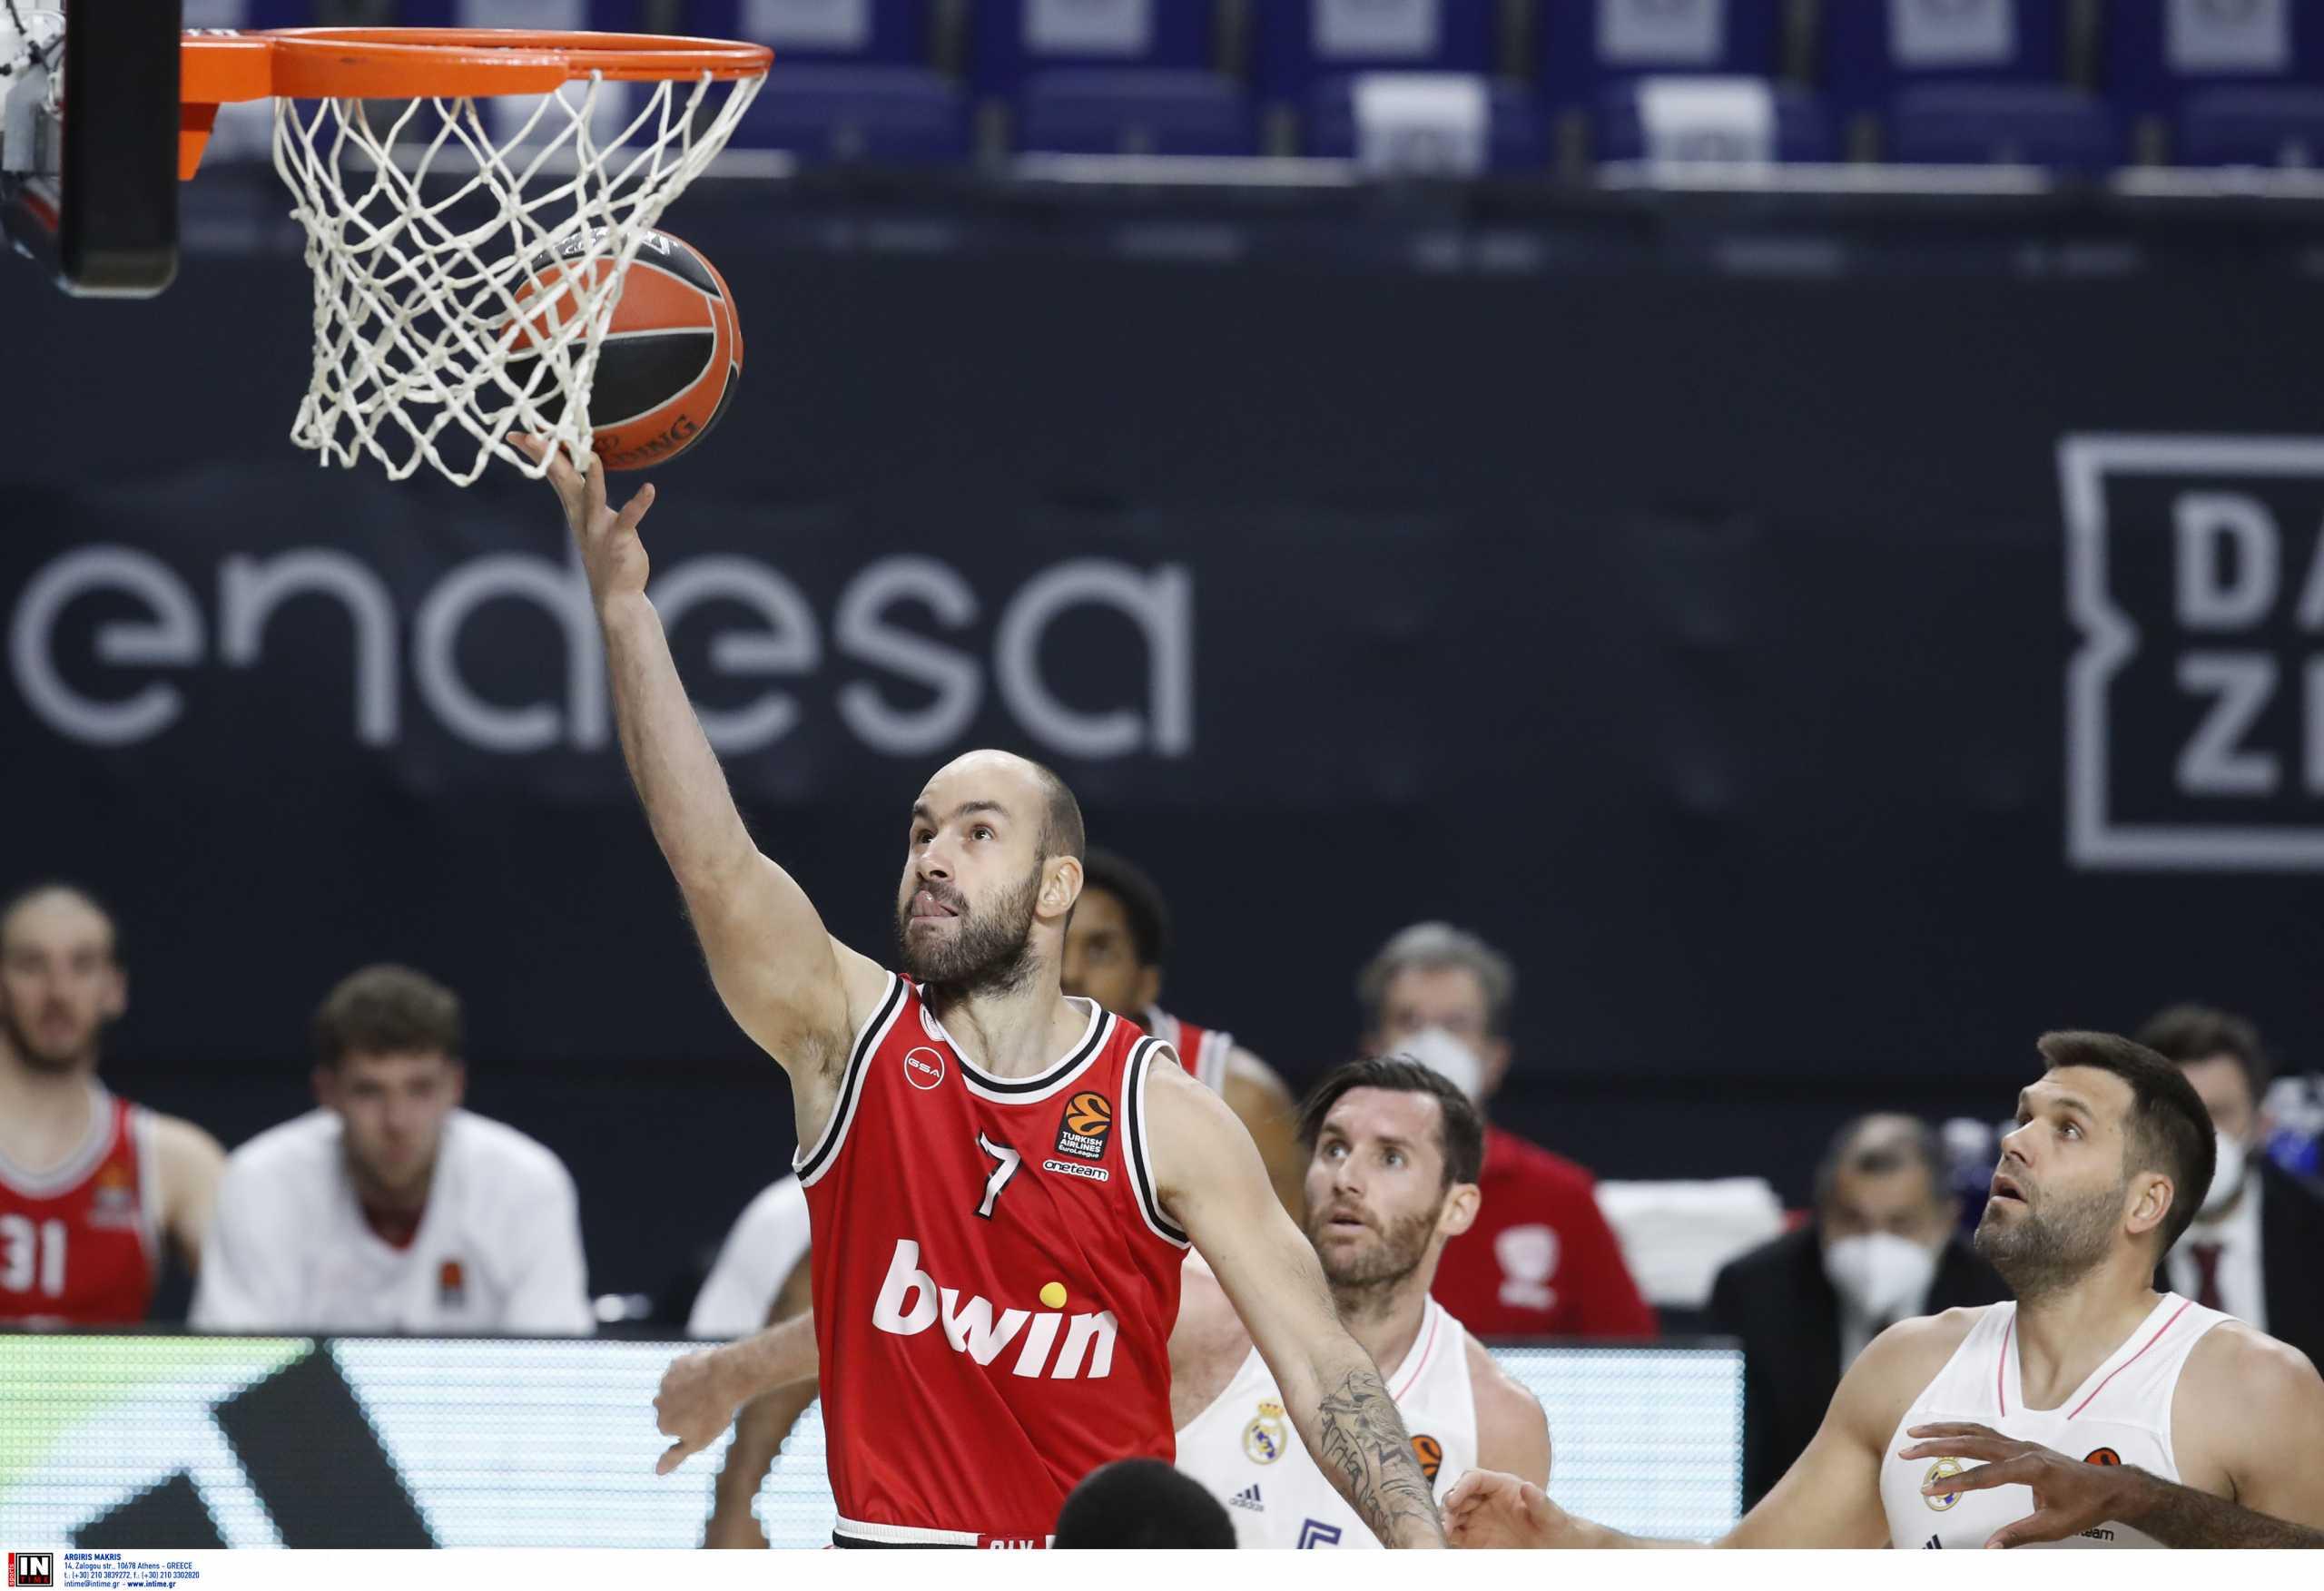 Ρεάλ – Ολυμπιακός: Παραδόθηκαν εύκολα στη Μαδρίτη οι Πειραιώτες